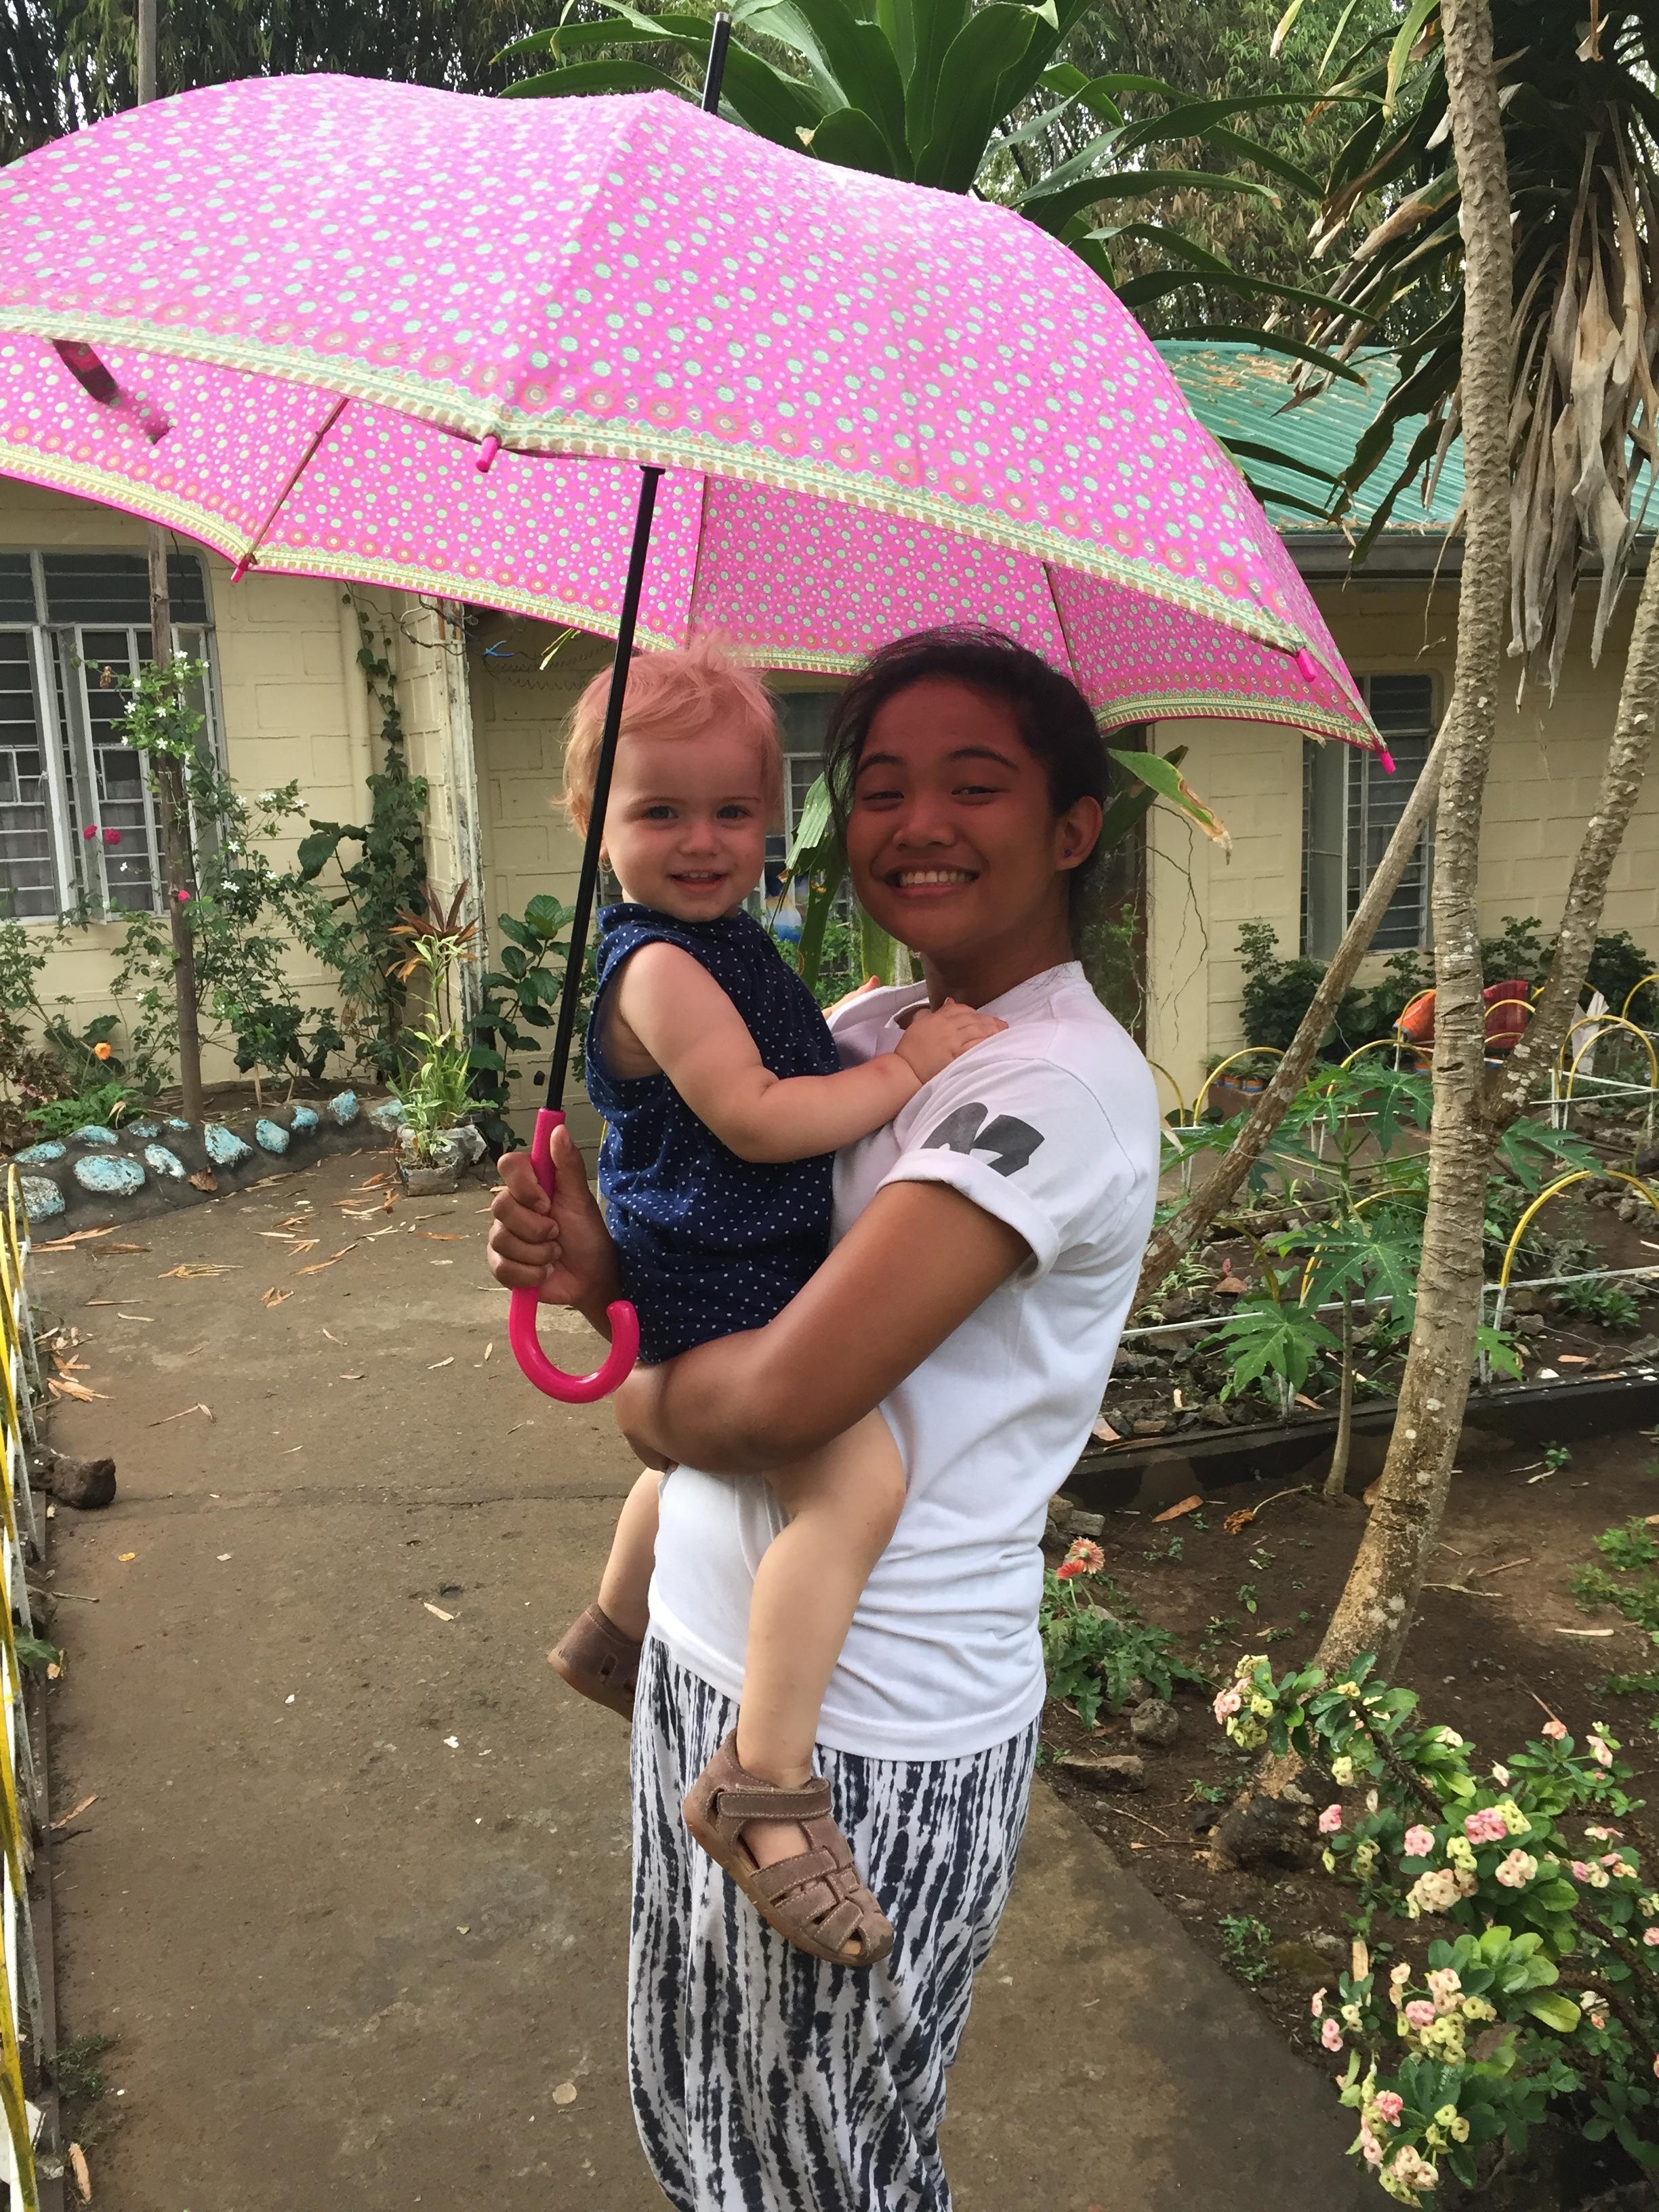 Paraply i småregn - hyggeligt